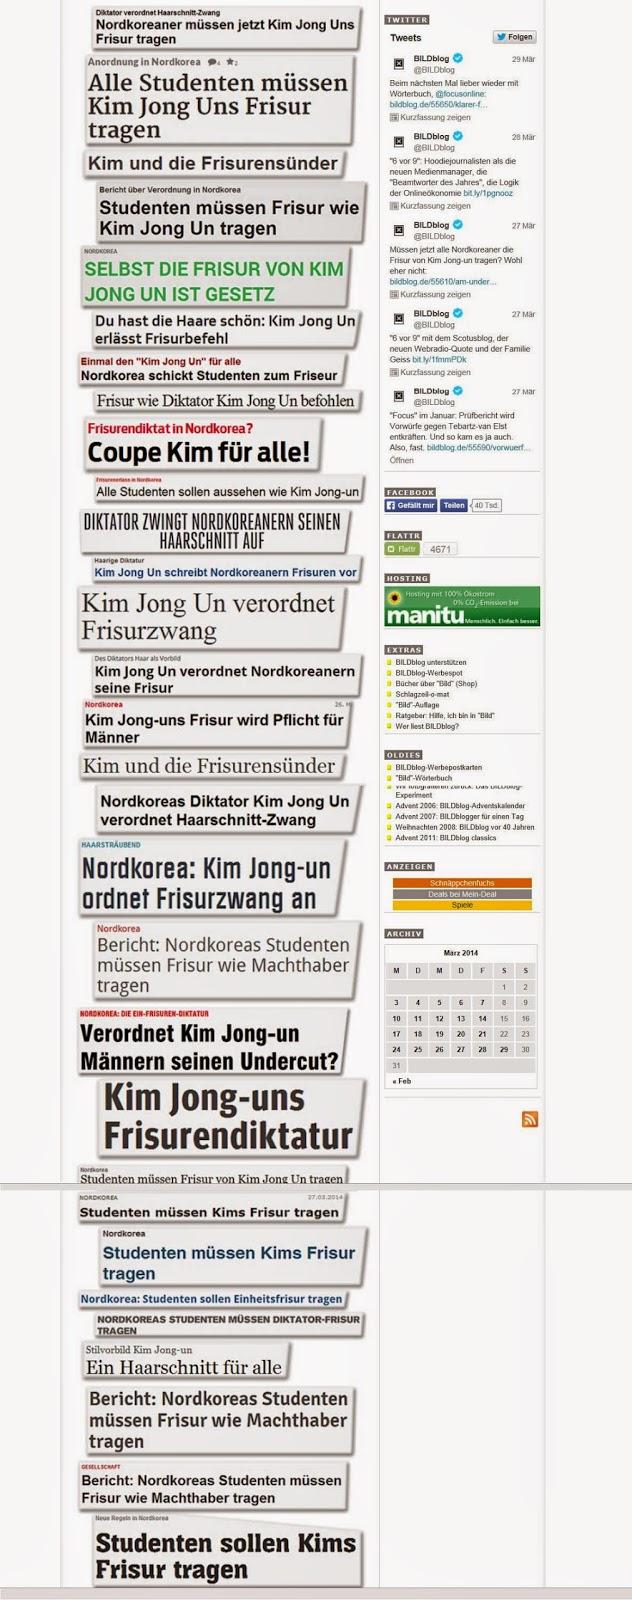 http://www.bildblog.de/55610/am-undercut-herbeigezogen/